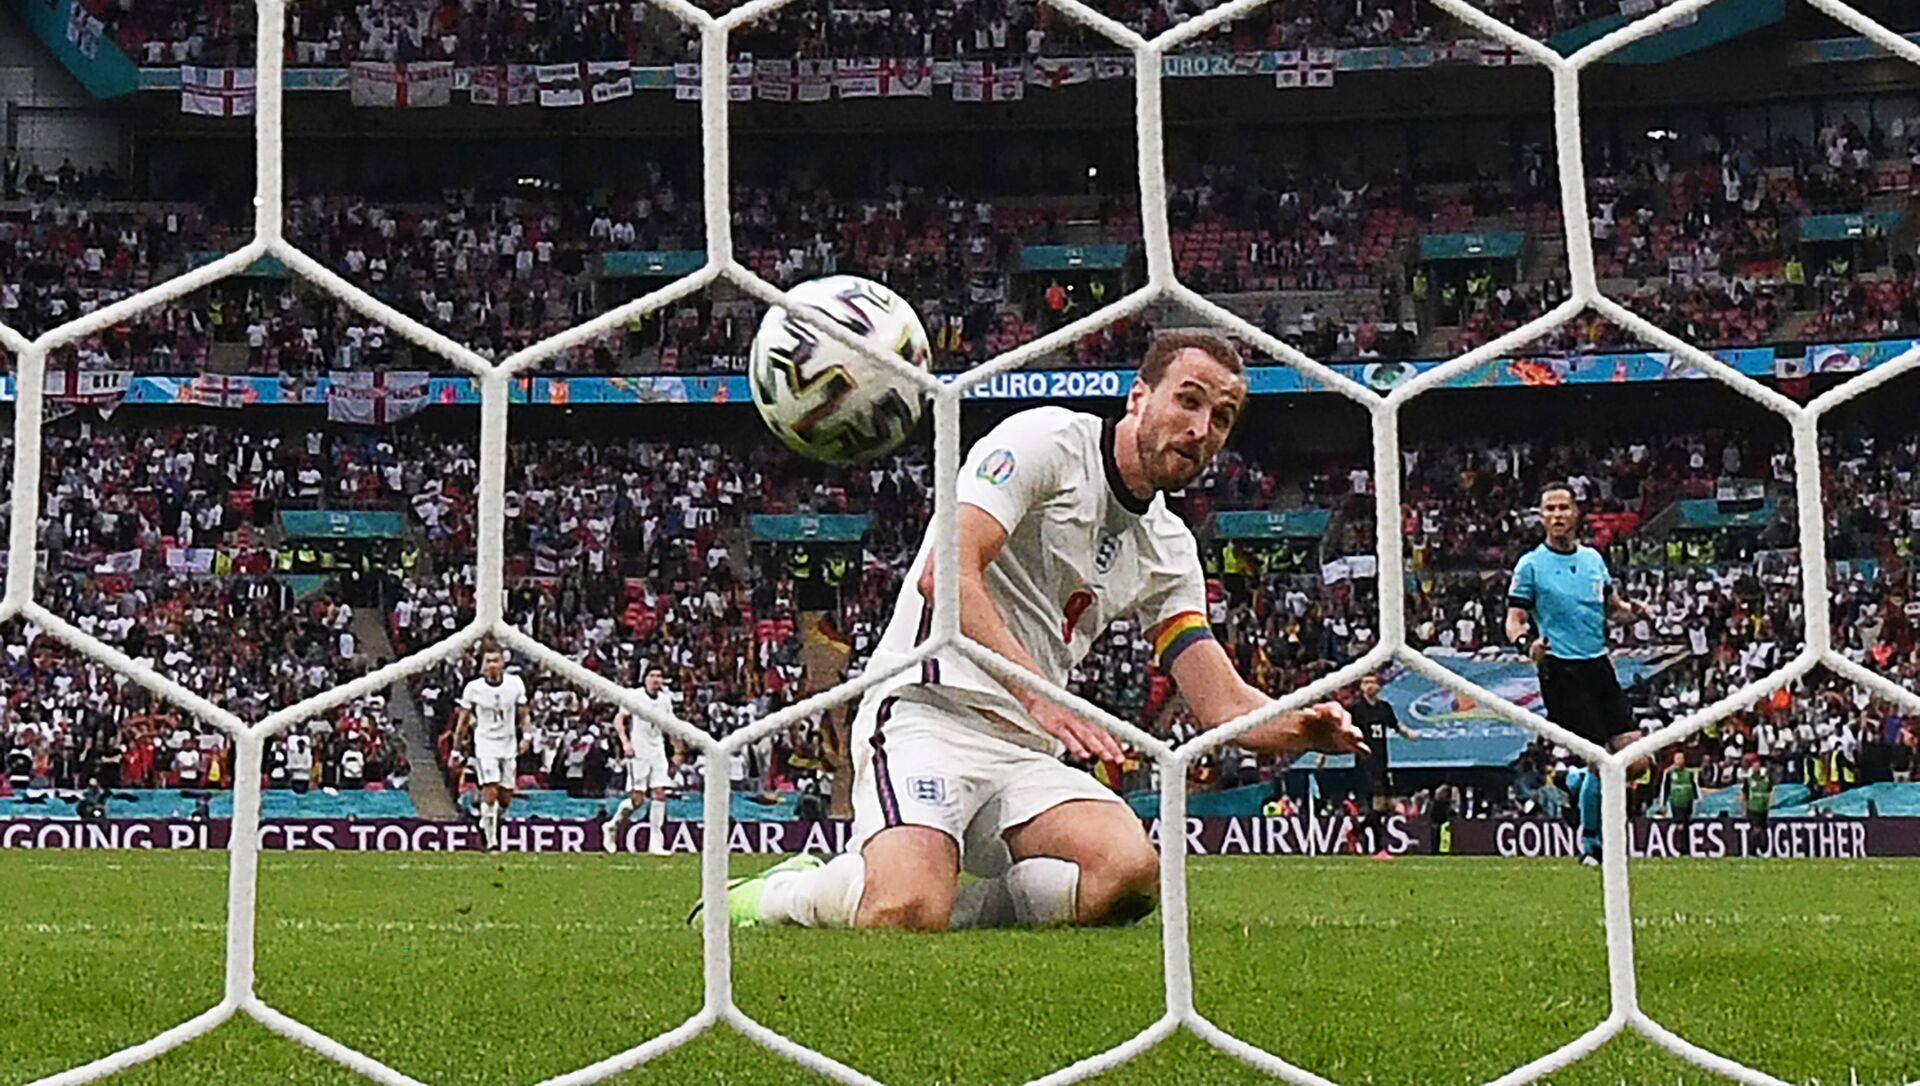 Нападающий сборной Англии Гарри Кейн забивает второй гол сборной Англии во время 1/8 финала ЕВРО-2020 между сборными Англии и Германии на стадионе Уэмбли в Лондоне - Sputnik Азербайджан, 1920, 11.07.2021